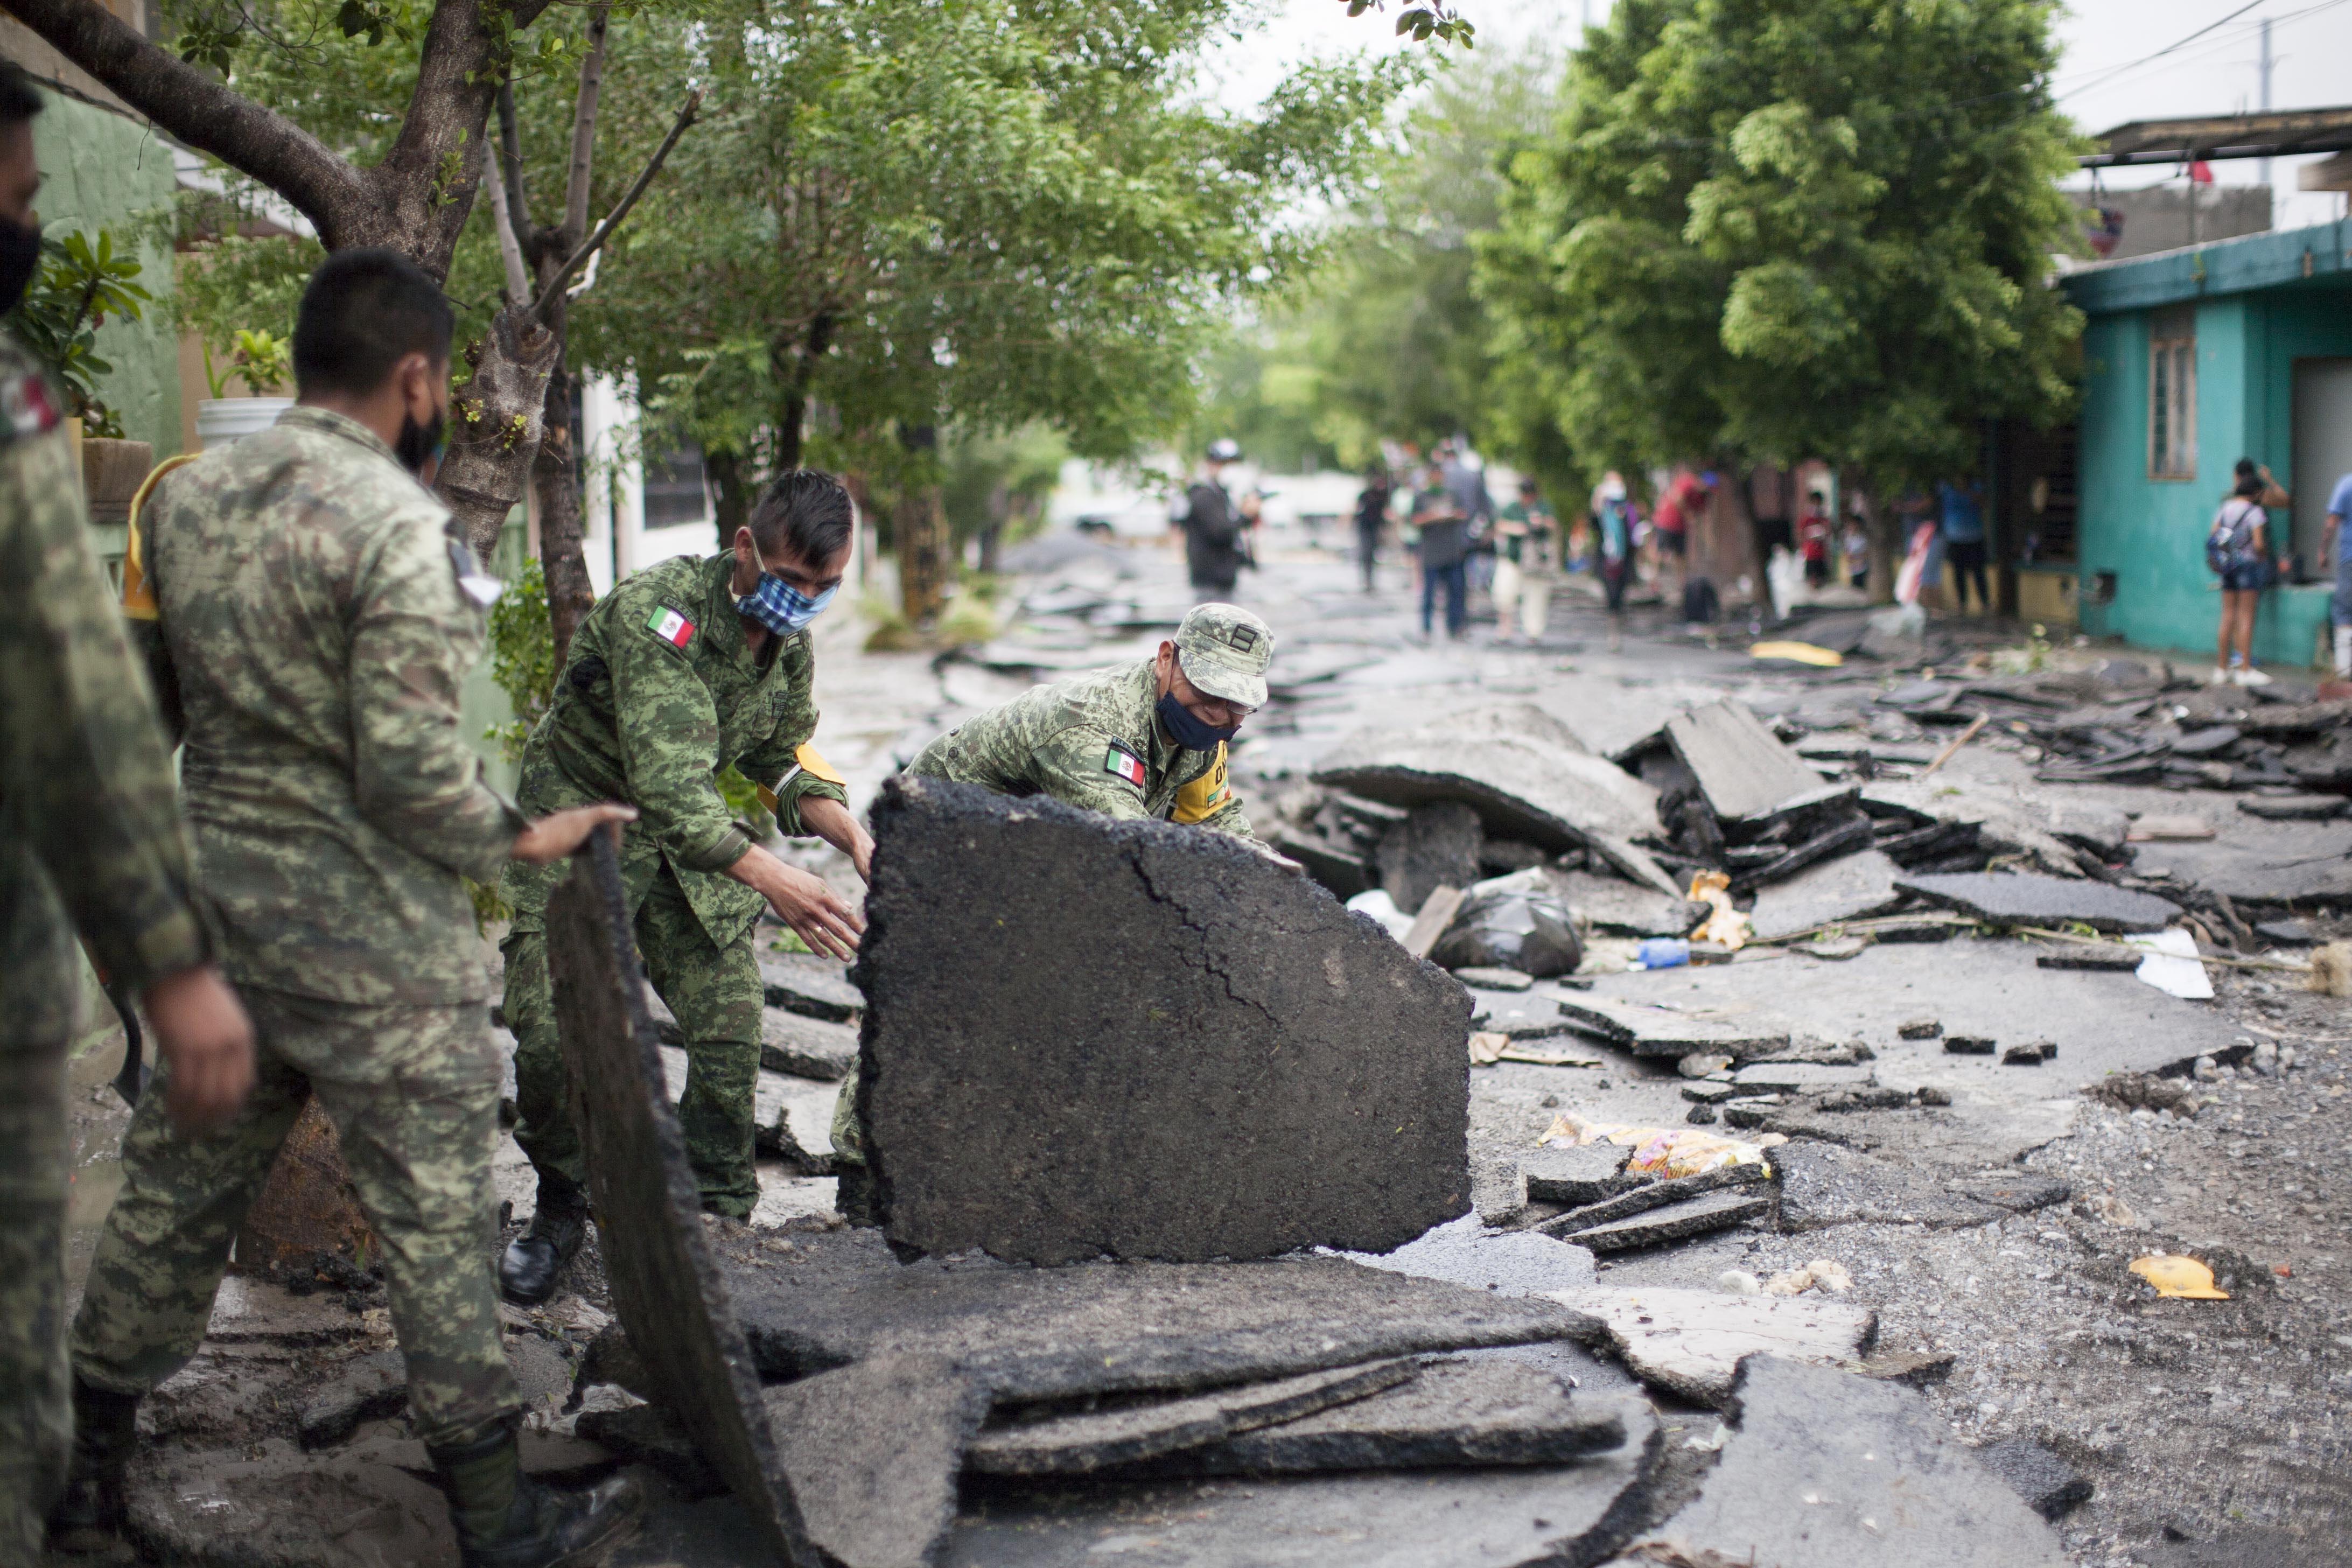 Miembros del ejército mexicano realizan trabajos de limpieza después de las fuertes lluvias dejadas por la tormenta Hanna en el área metropolitana de Monterrey, estado de Nuevo León, México, el 27 de julio de 2020.